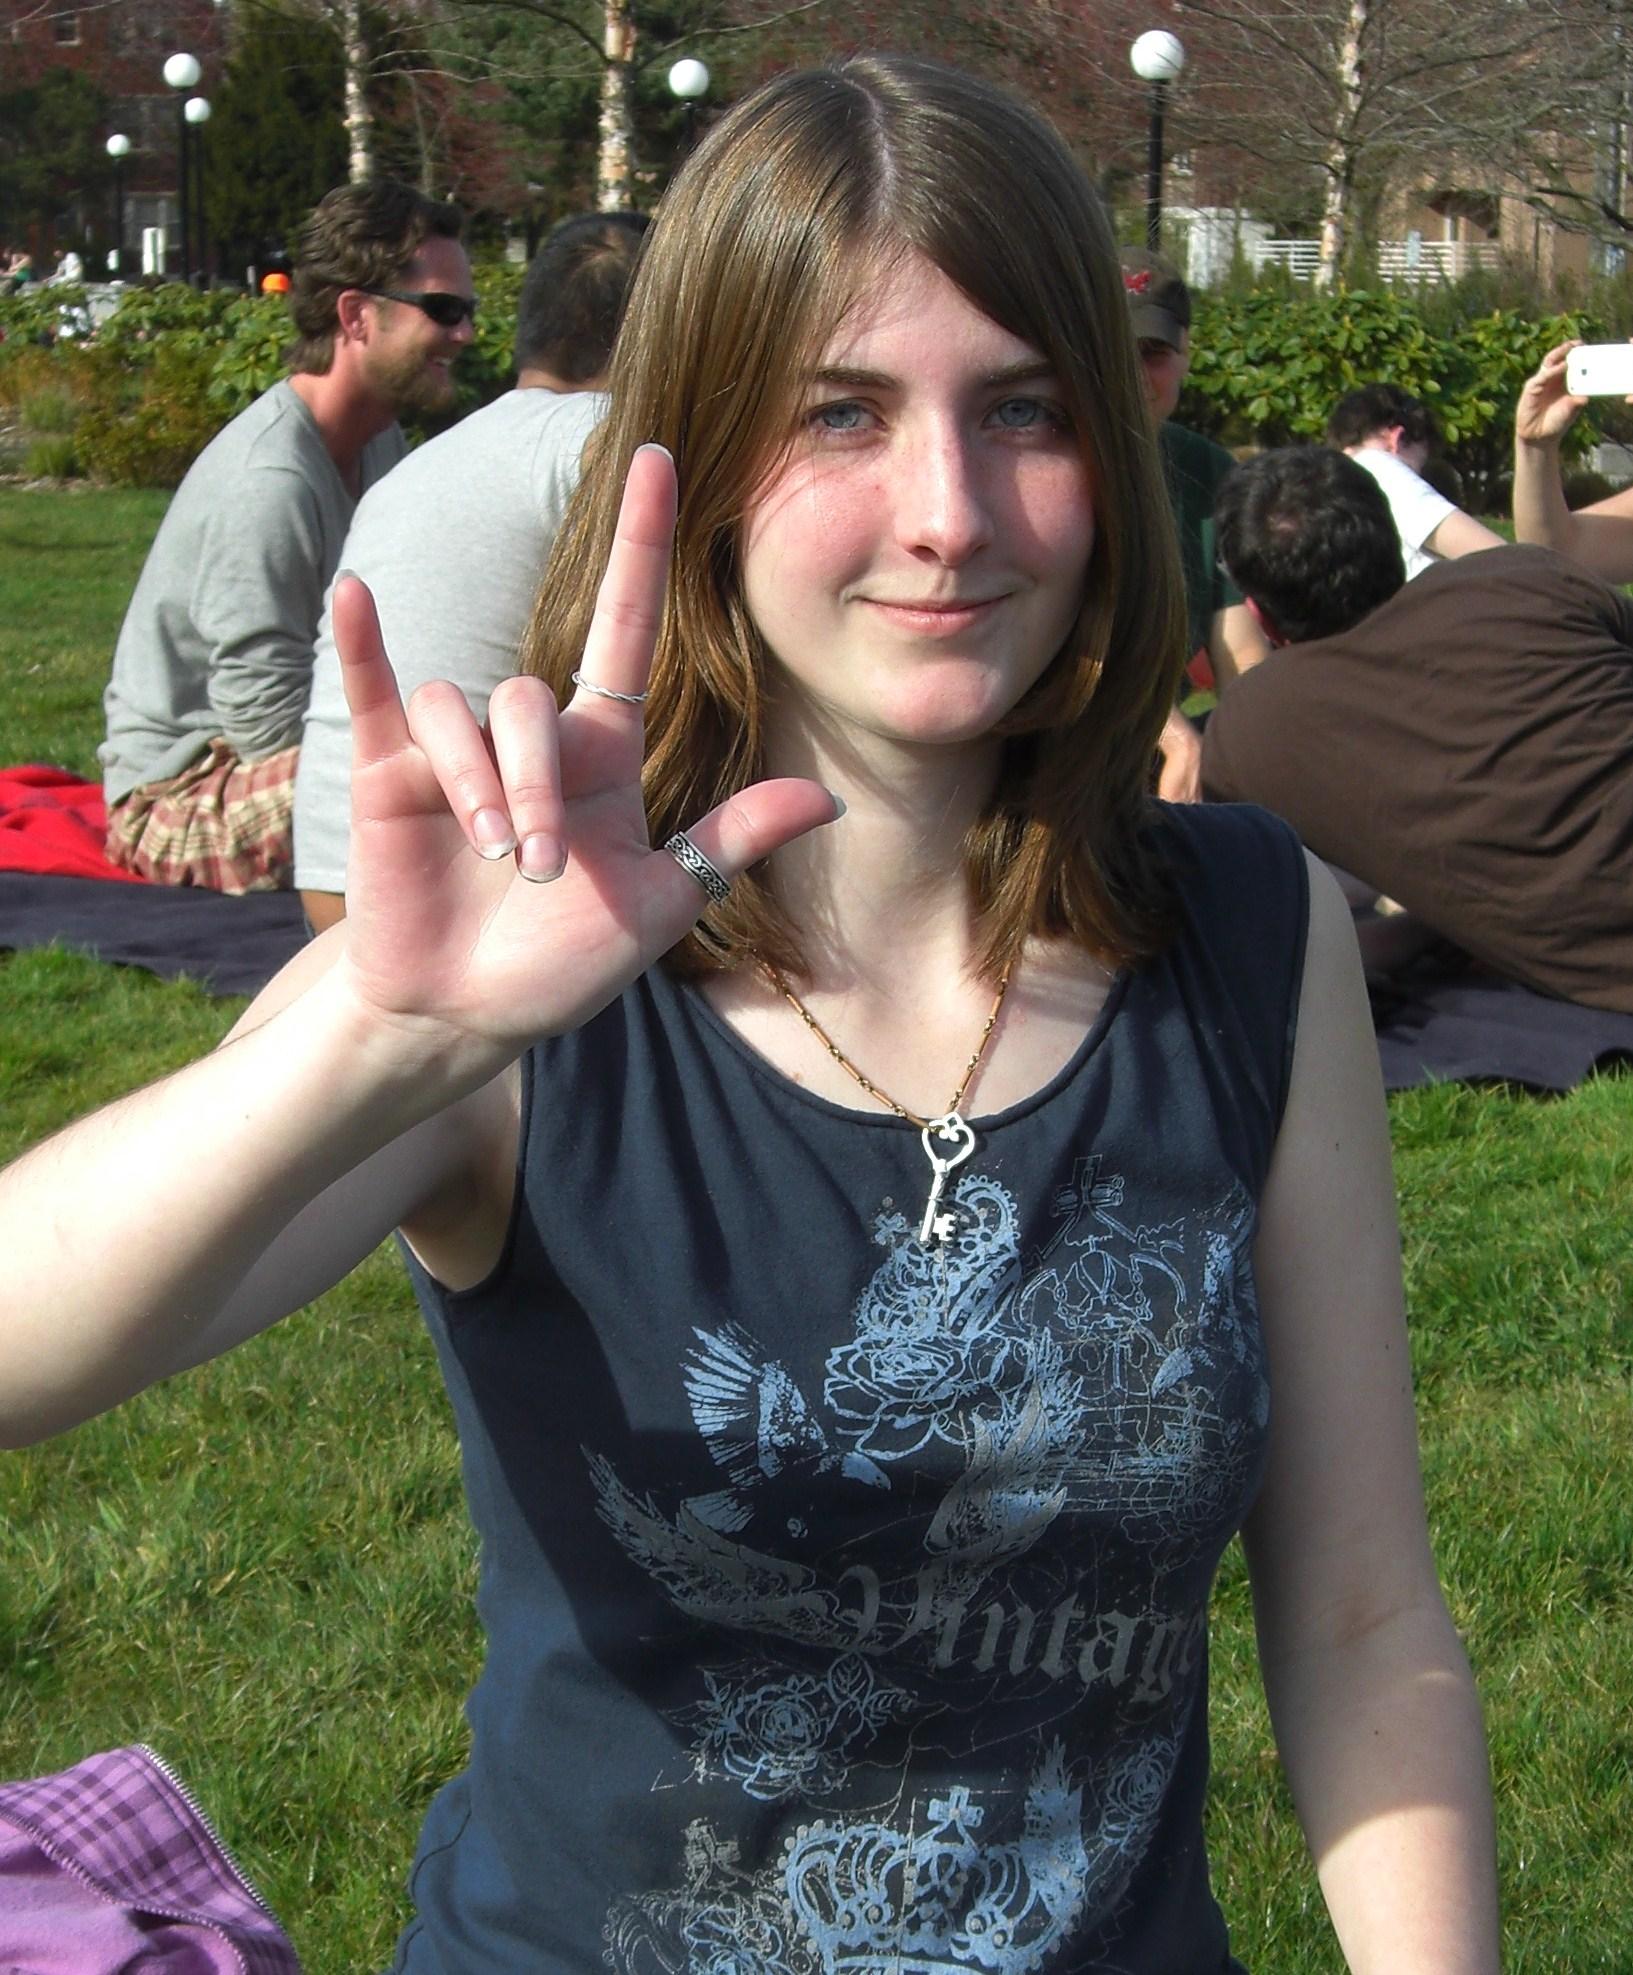 NWO a Satanic Cult ASL_ILY%40Side-PalmForward